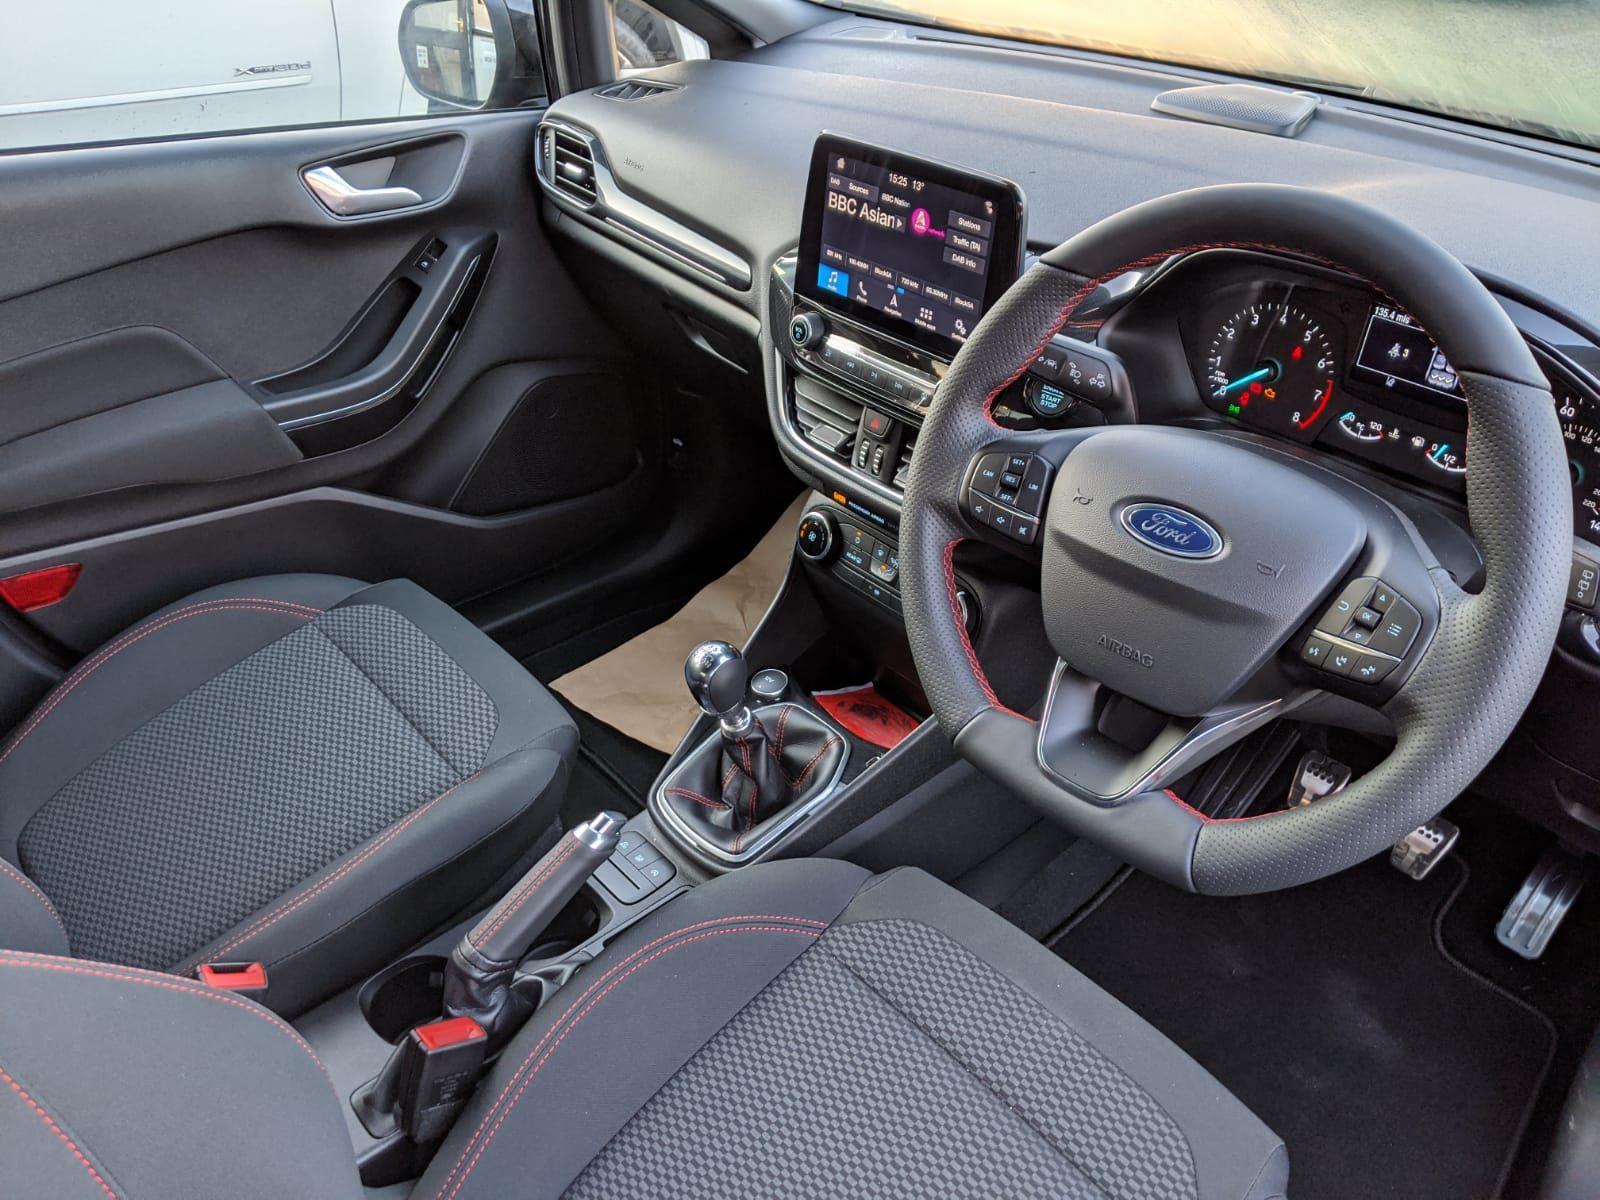 The Ford Fiesta Hatchback 1 0 Ecoboost 125 St Line Navigation 5dr